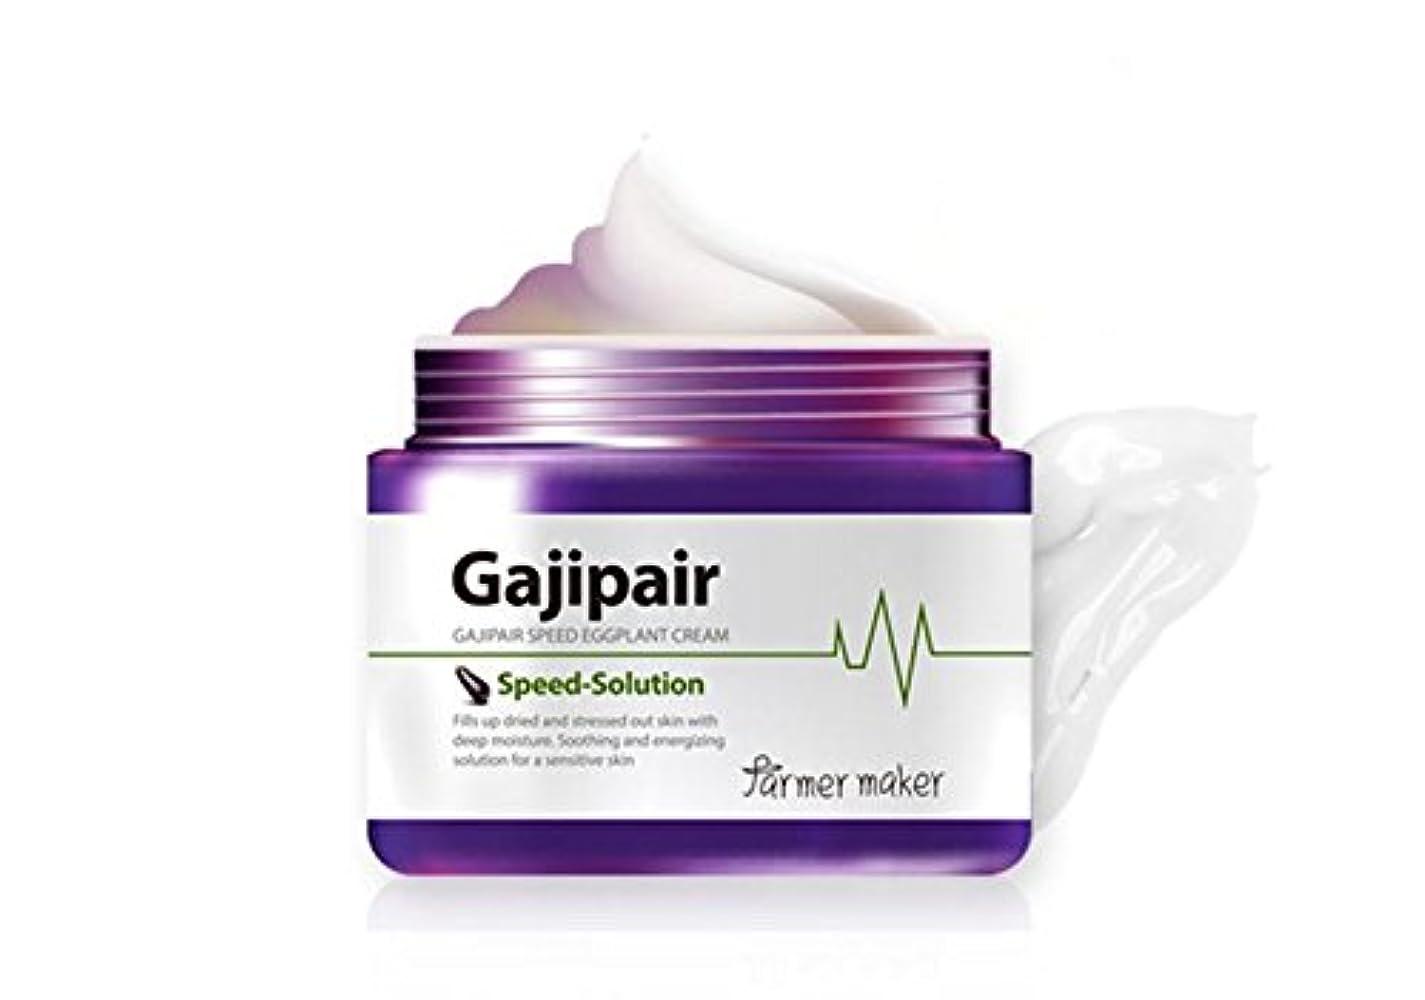 退却マグうめき声Farmer maker Gajipair Speed Eggplant Cream 70ml/ファーマーメイカー ガジペア(ナスペア) スピード エッグプラント クリーム 70ml [並行輸入品]